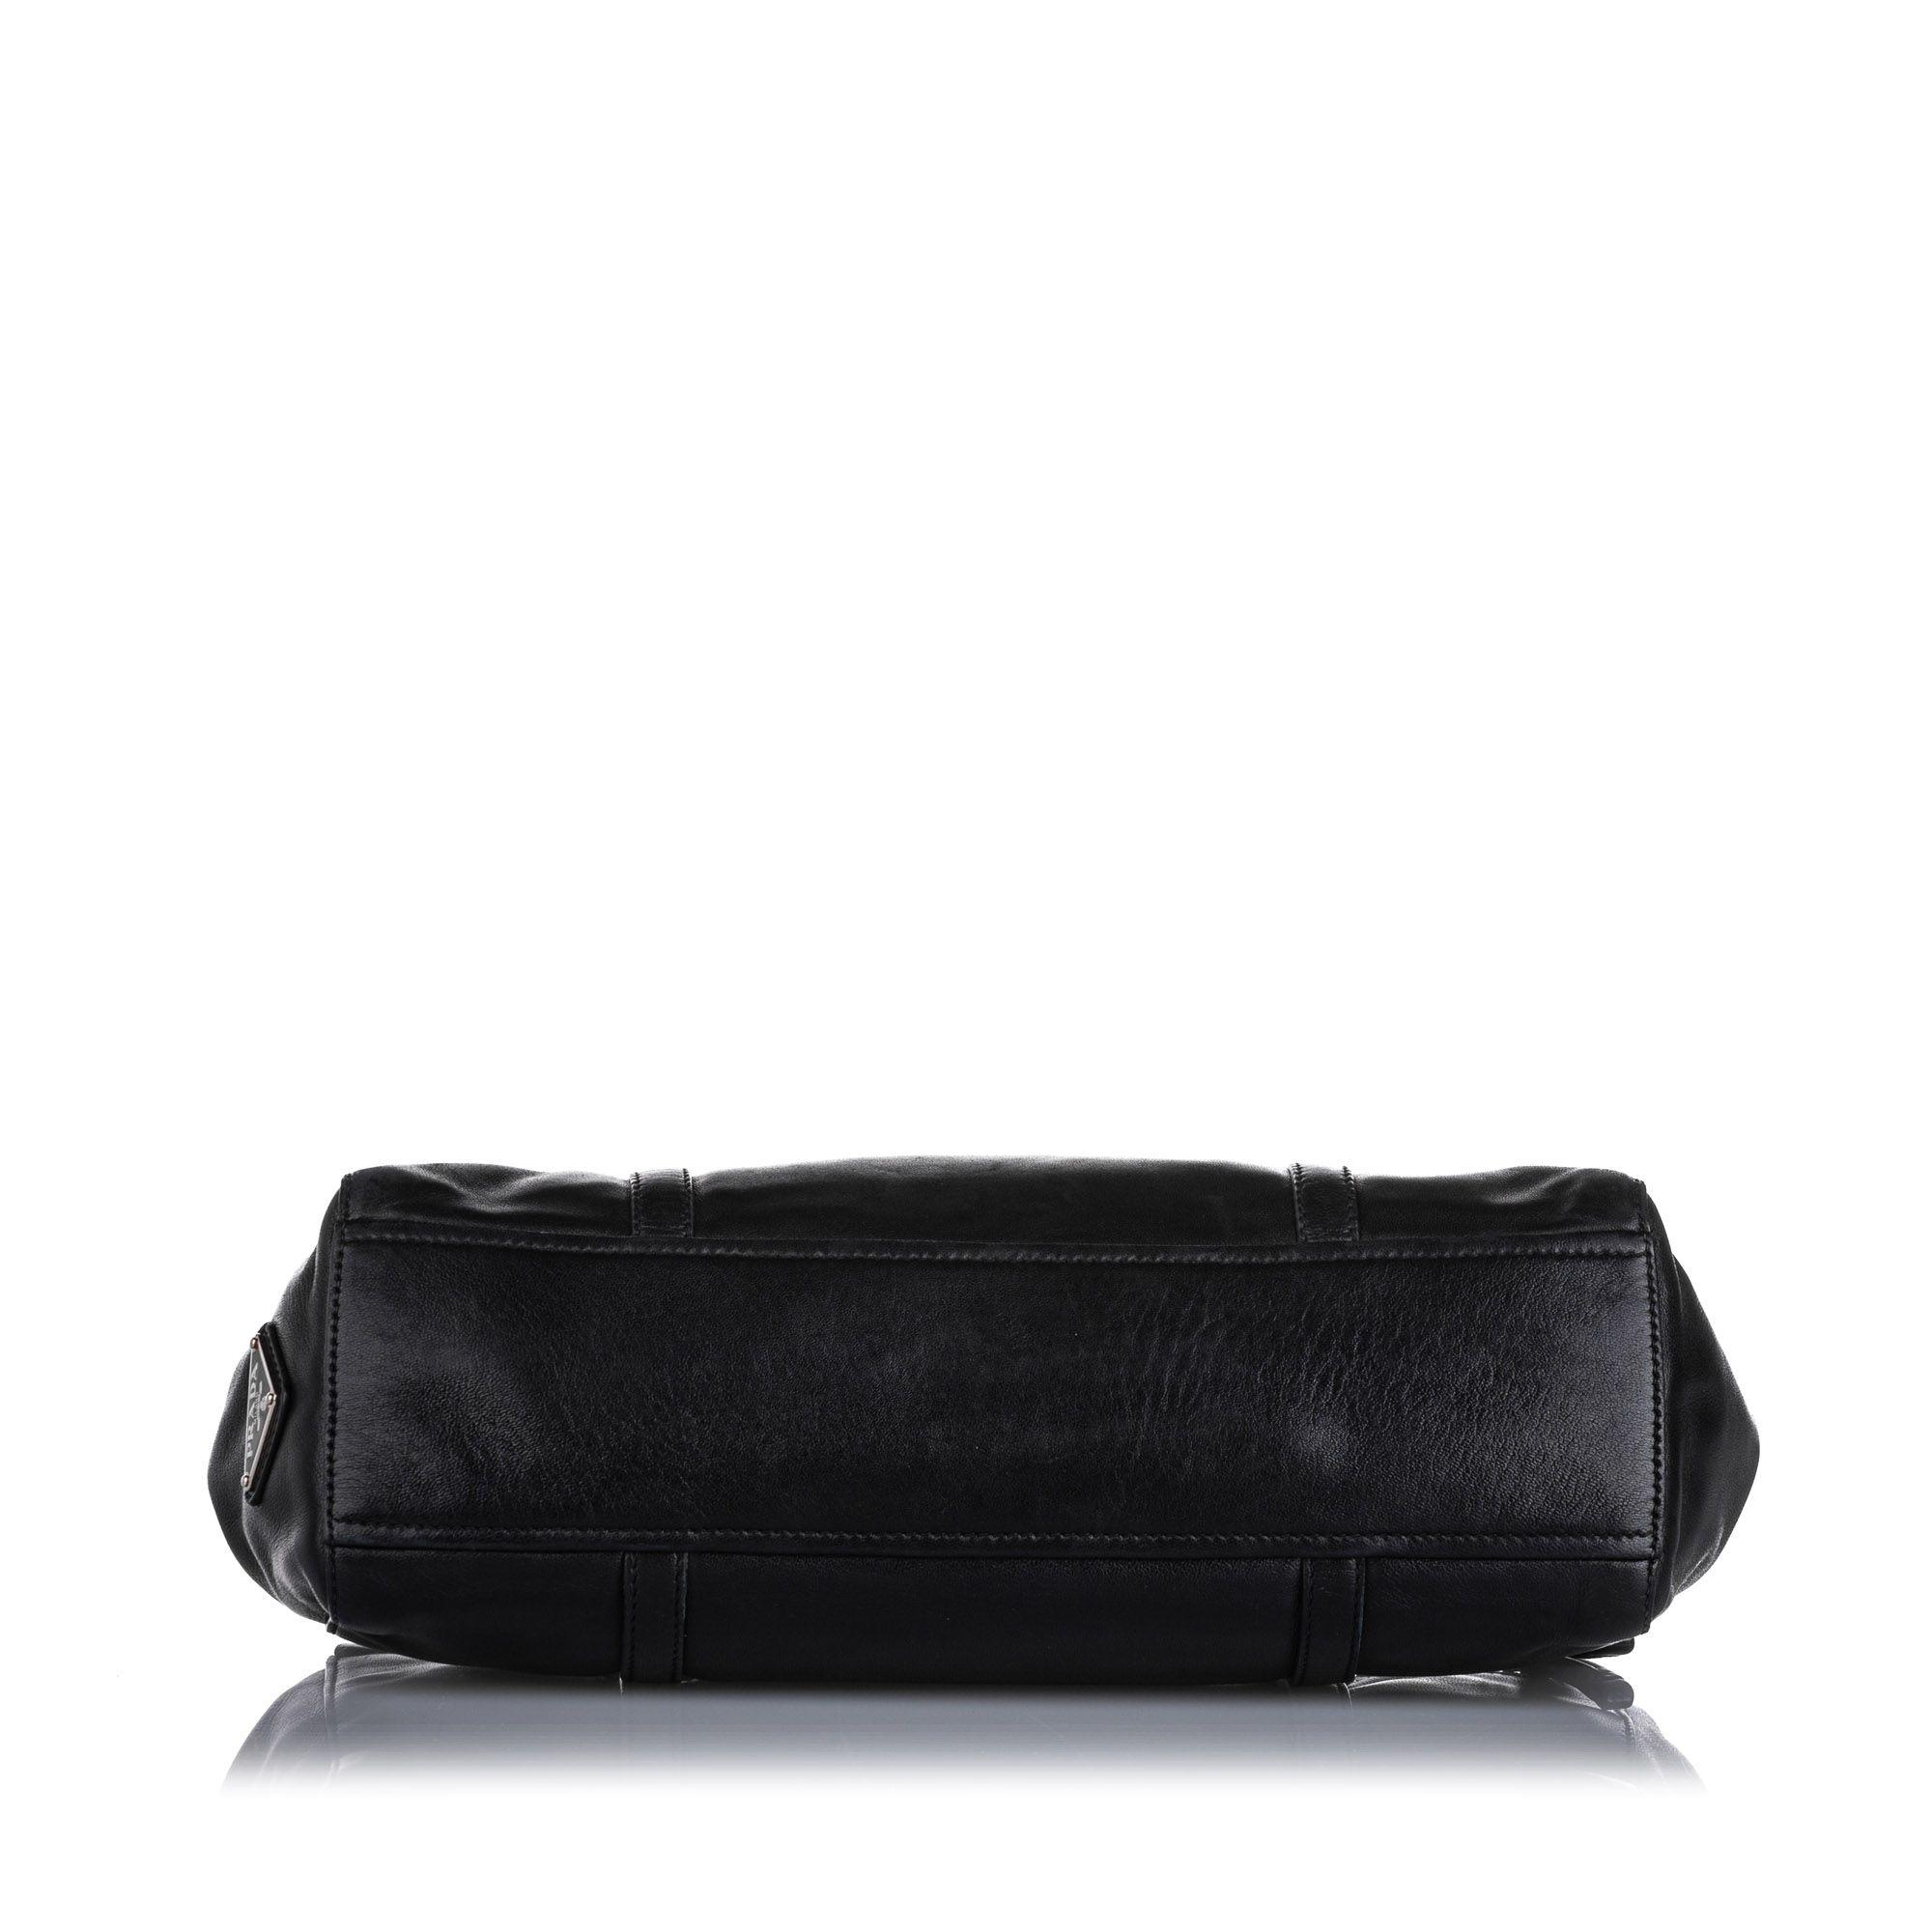 Vintage Prada Easy Leather Shoulder Bag Black